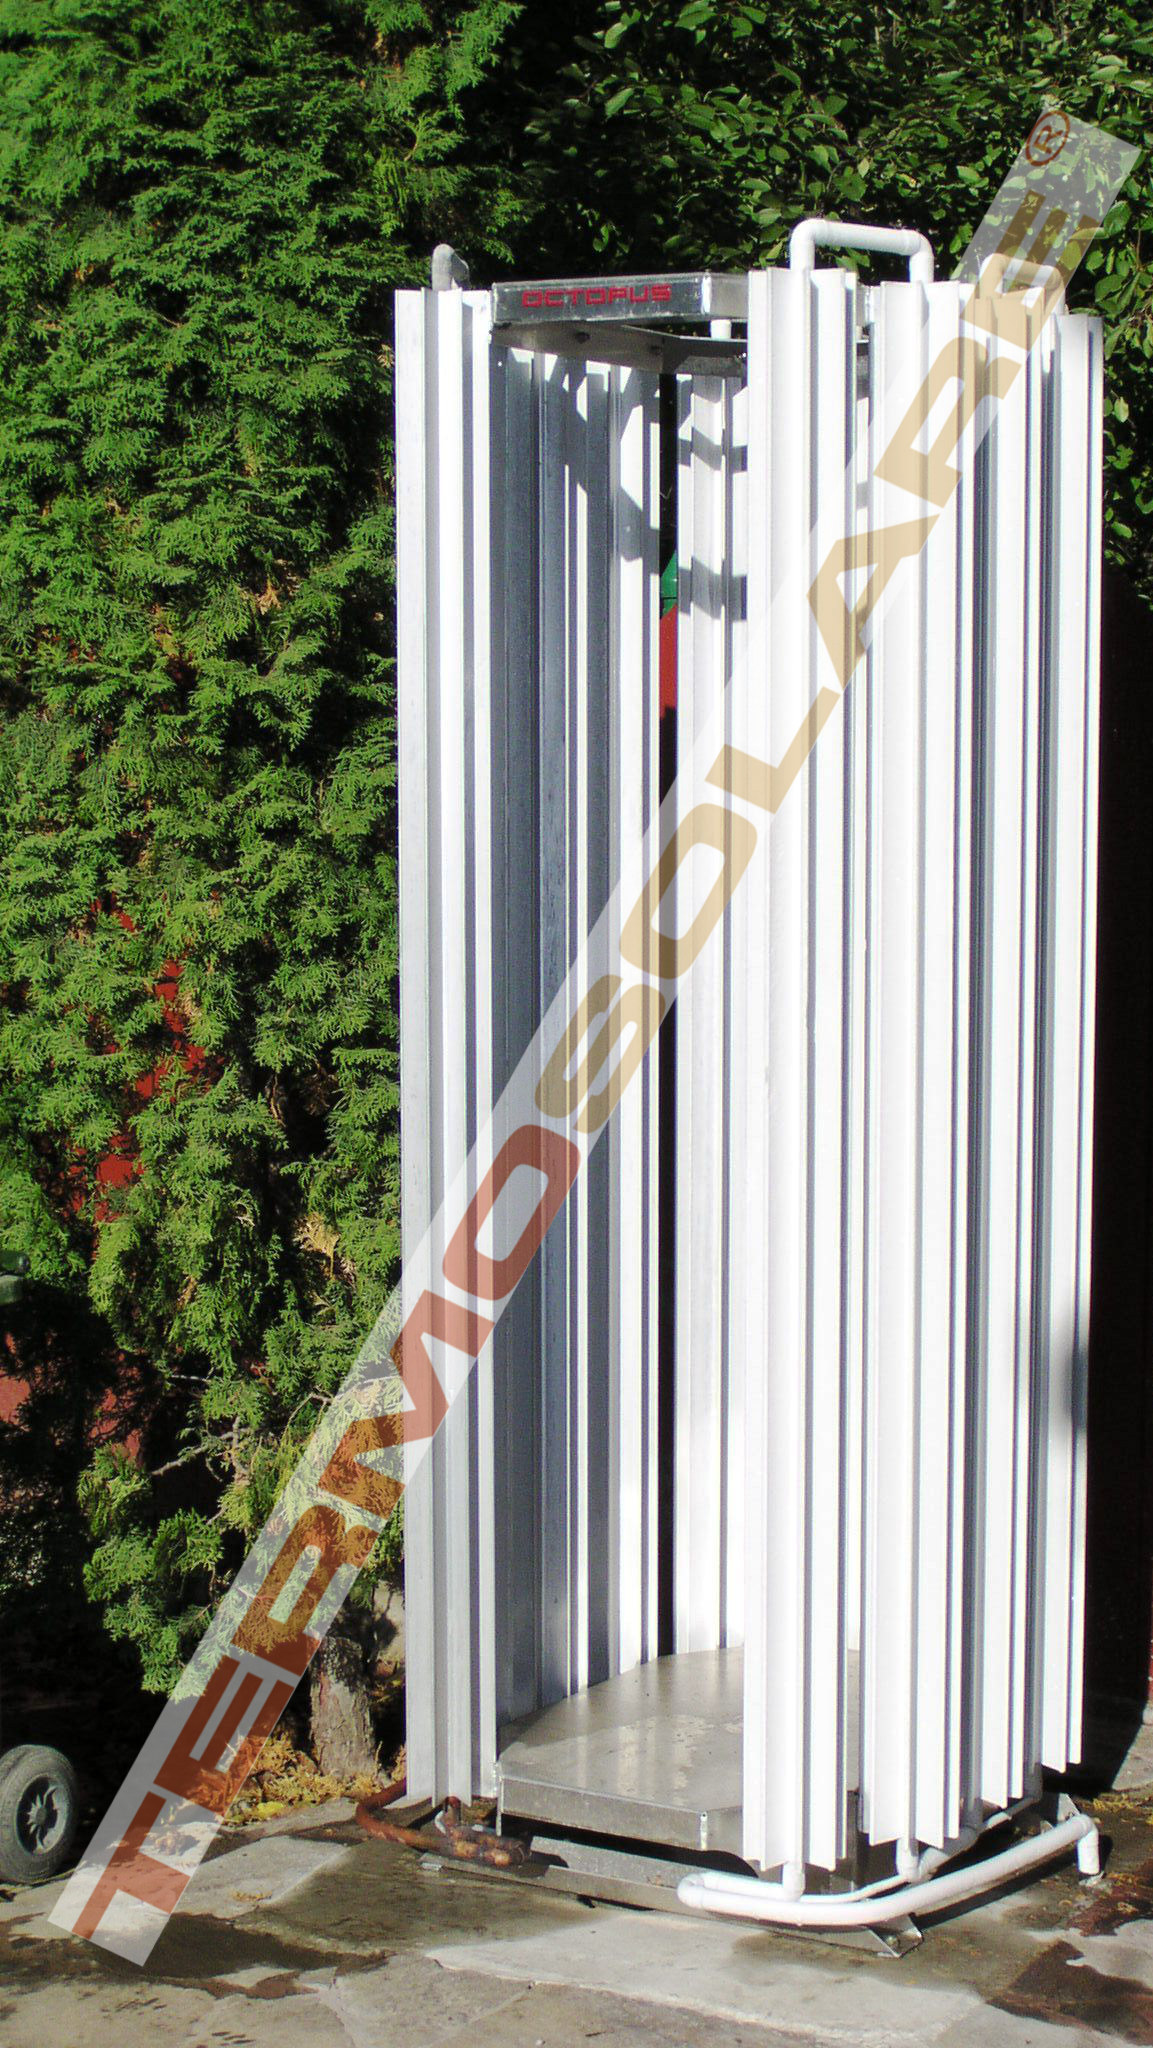 Sisteme solare TERMOSOLARE - Poza 6